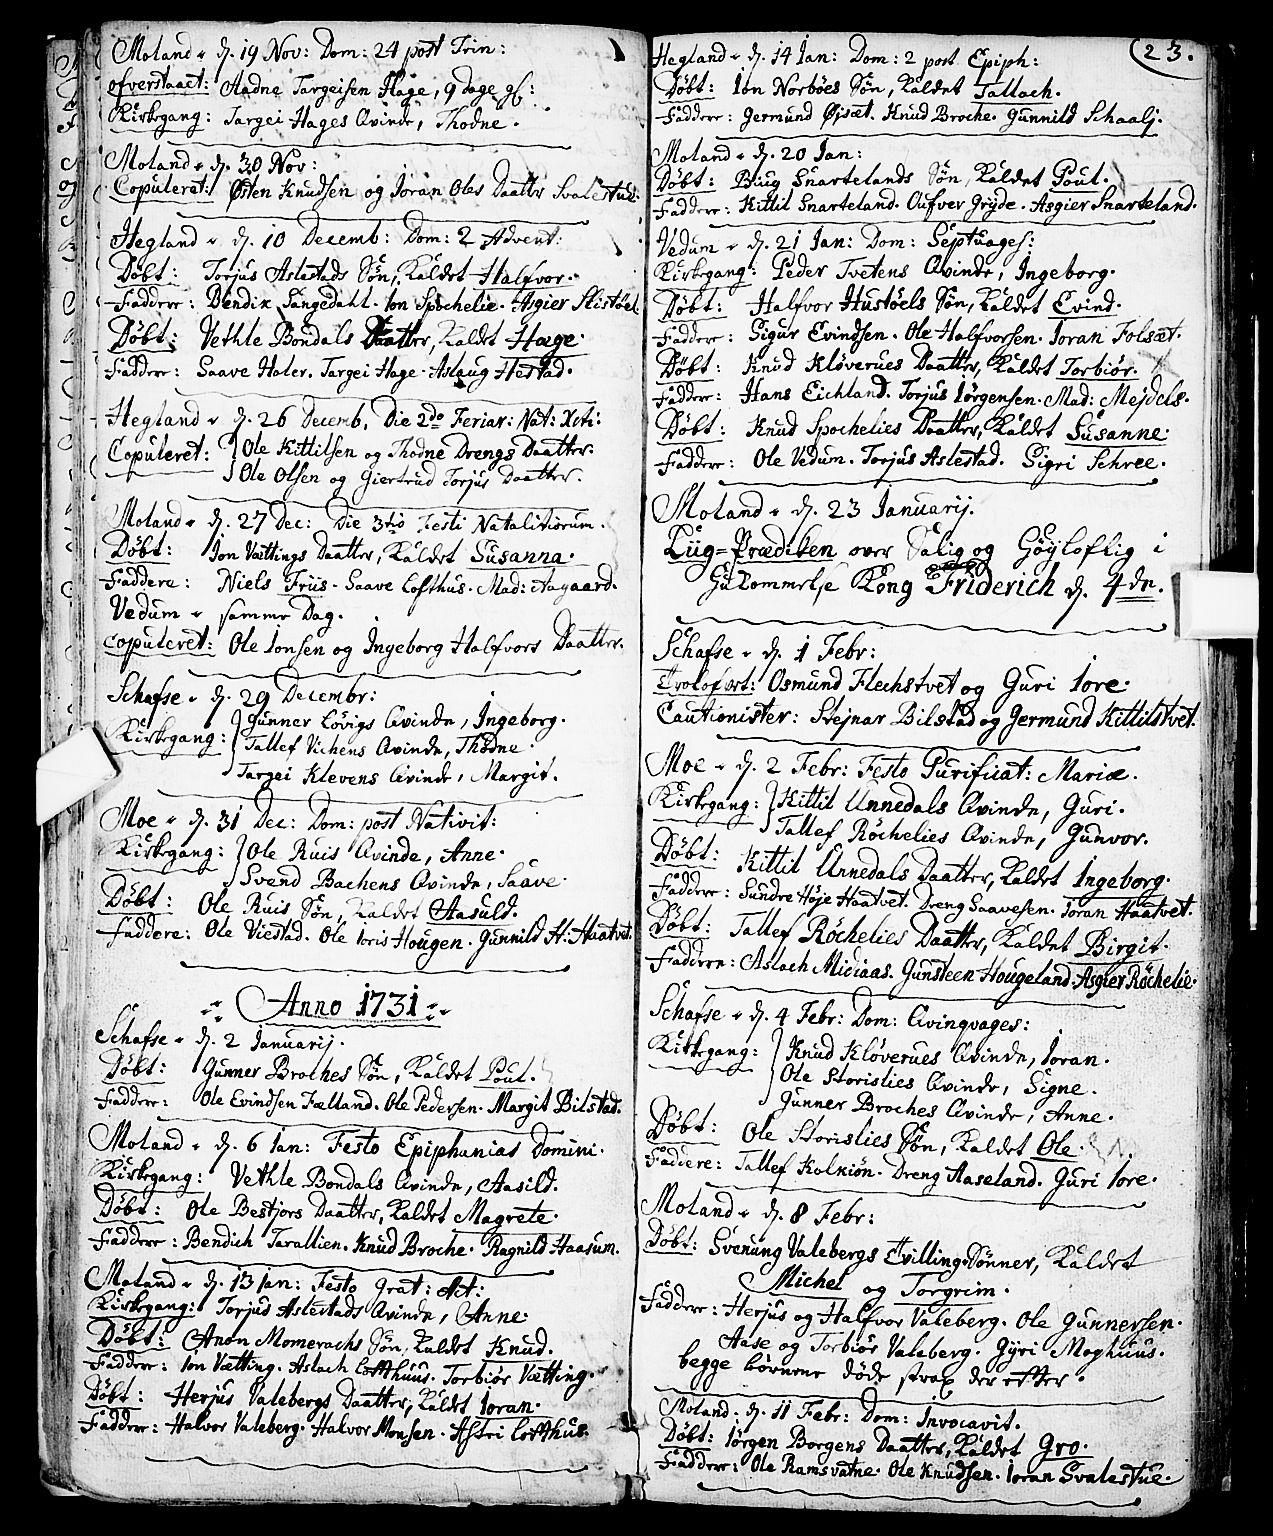 SAKO, Fyresdal kirkebøker, F/Fa/L0001: Ministerialbok nr. I 1, 1724-1748, s. 23